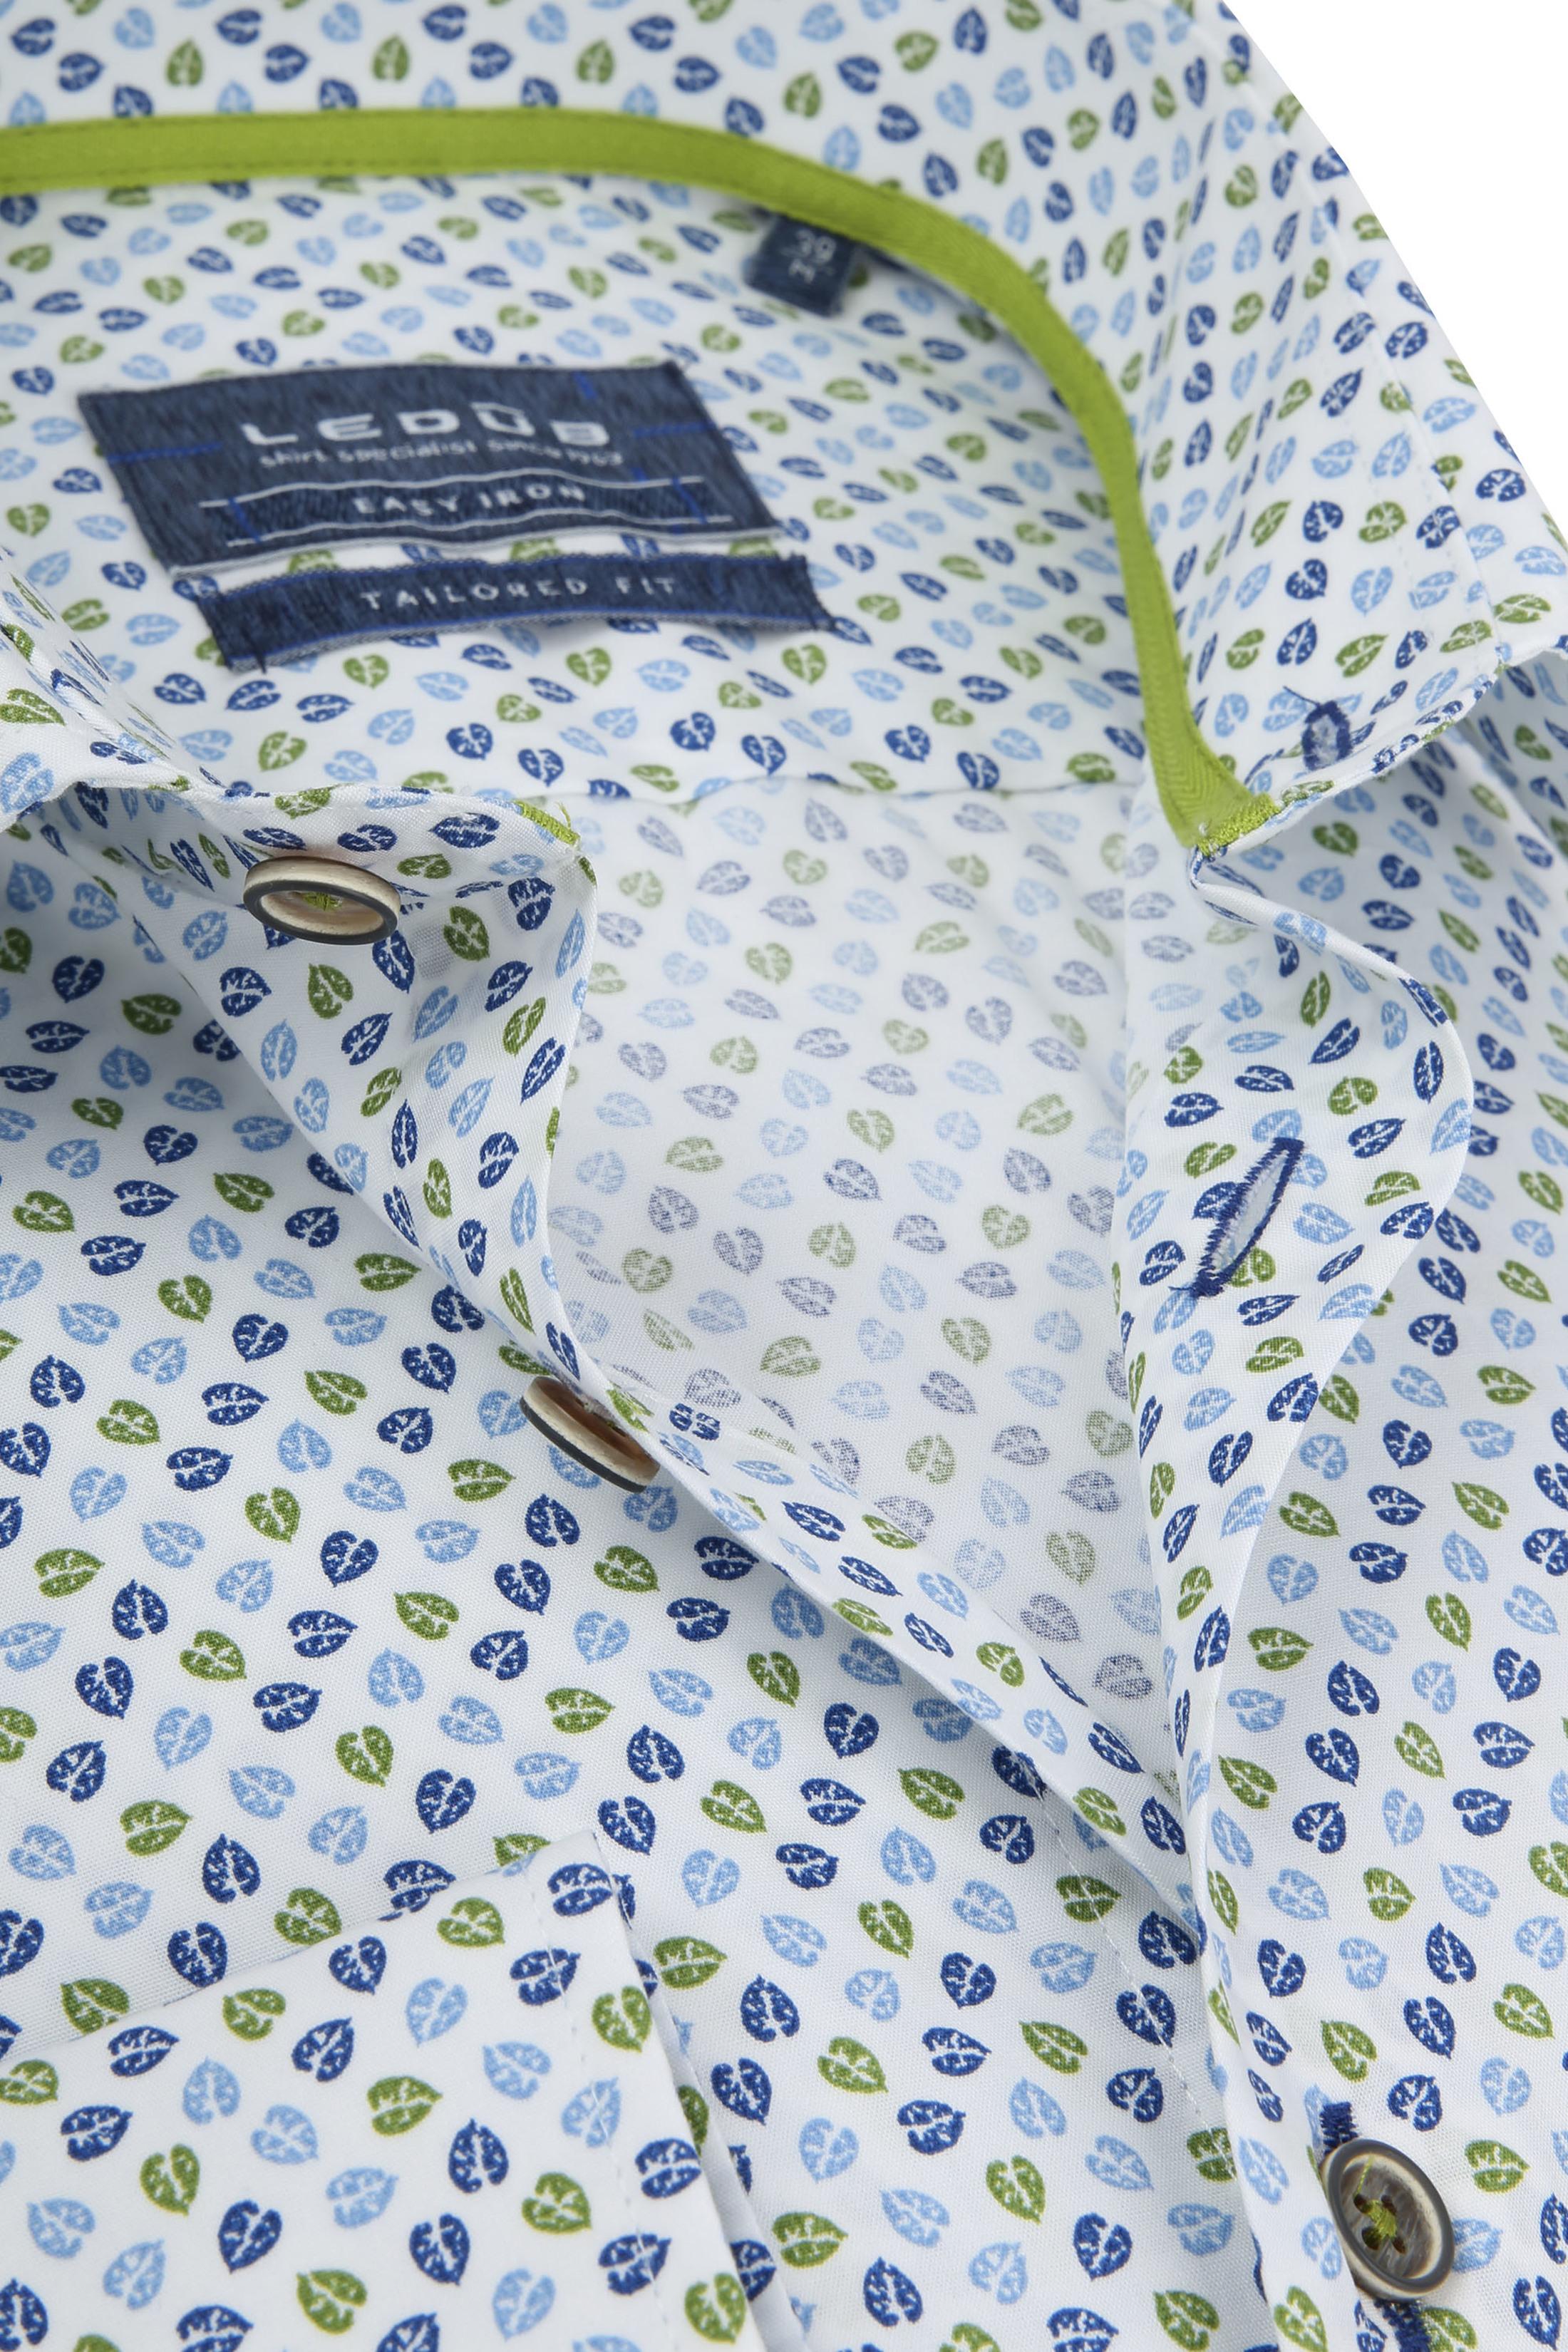 Ledub Overhemd MF Bloem foto 6